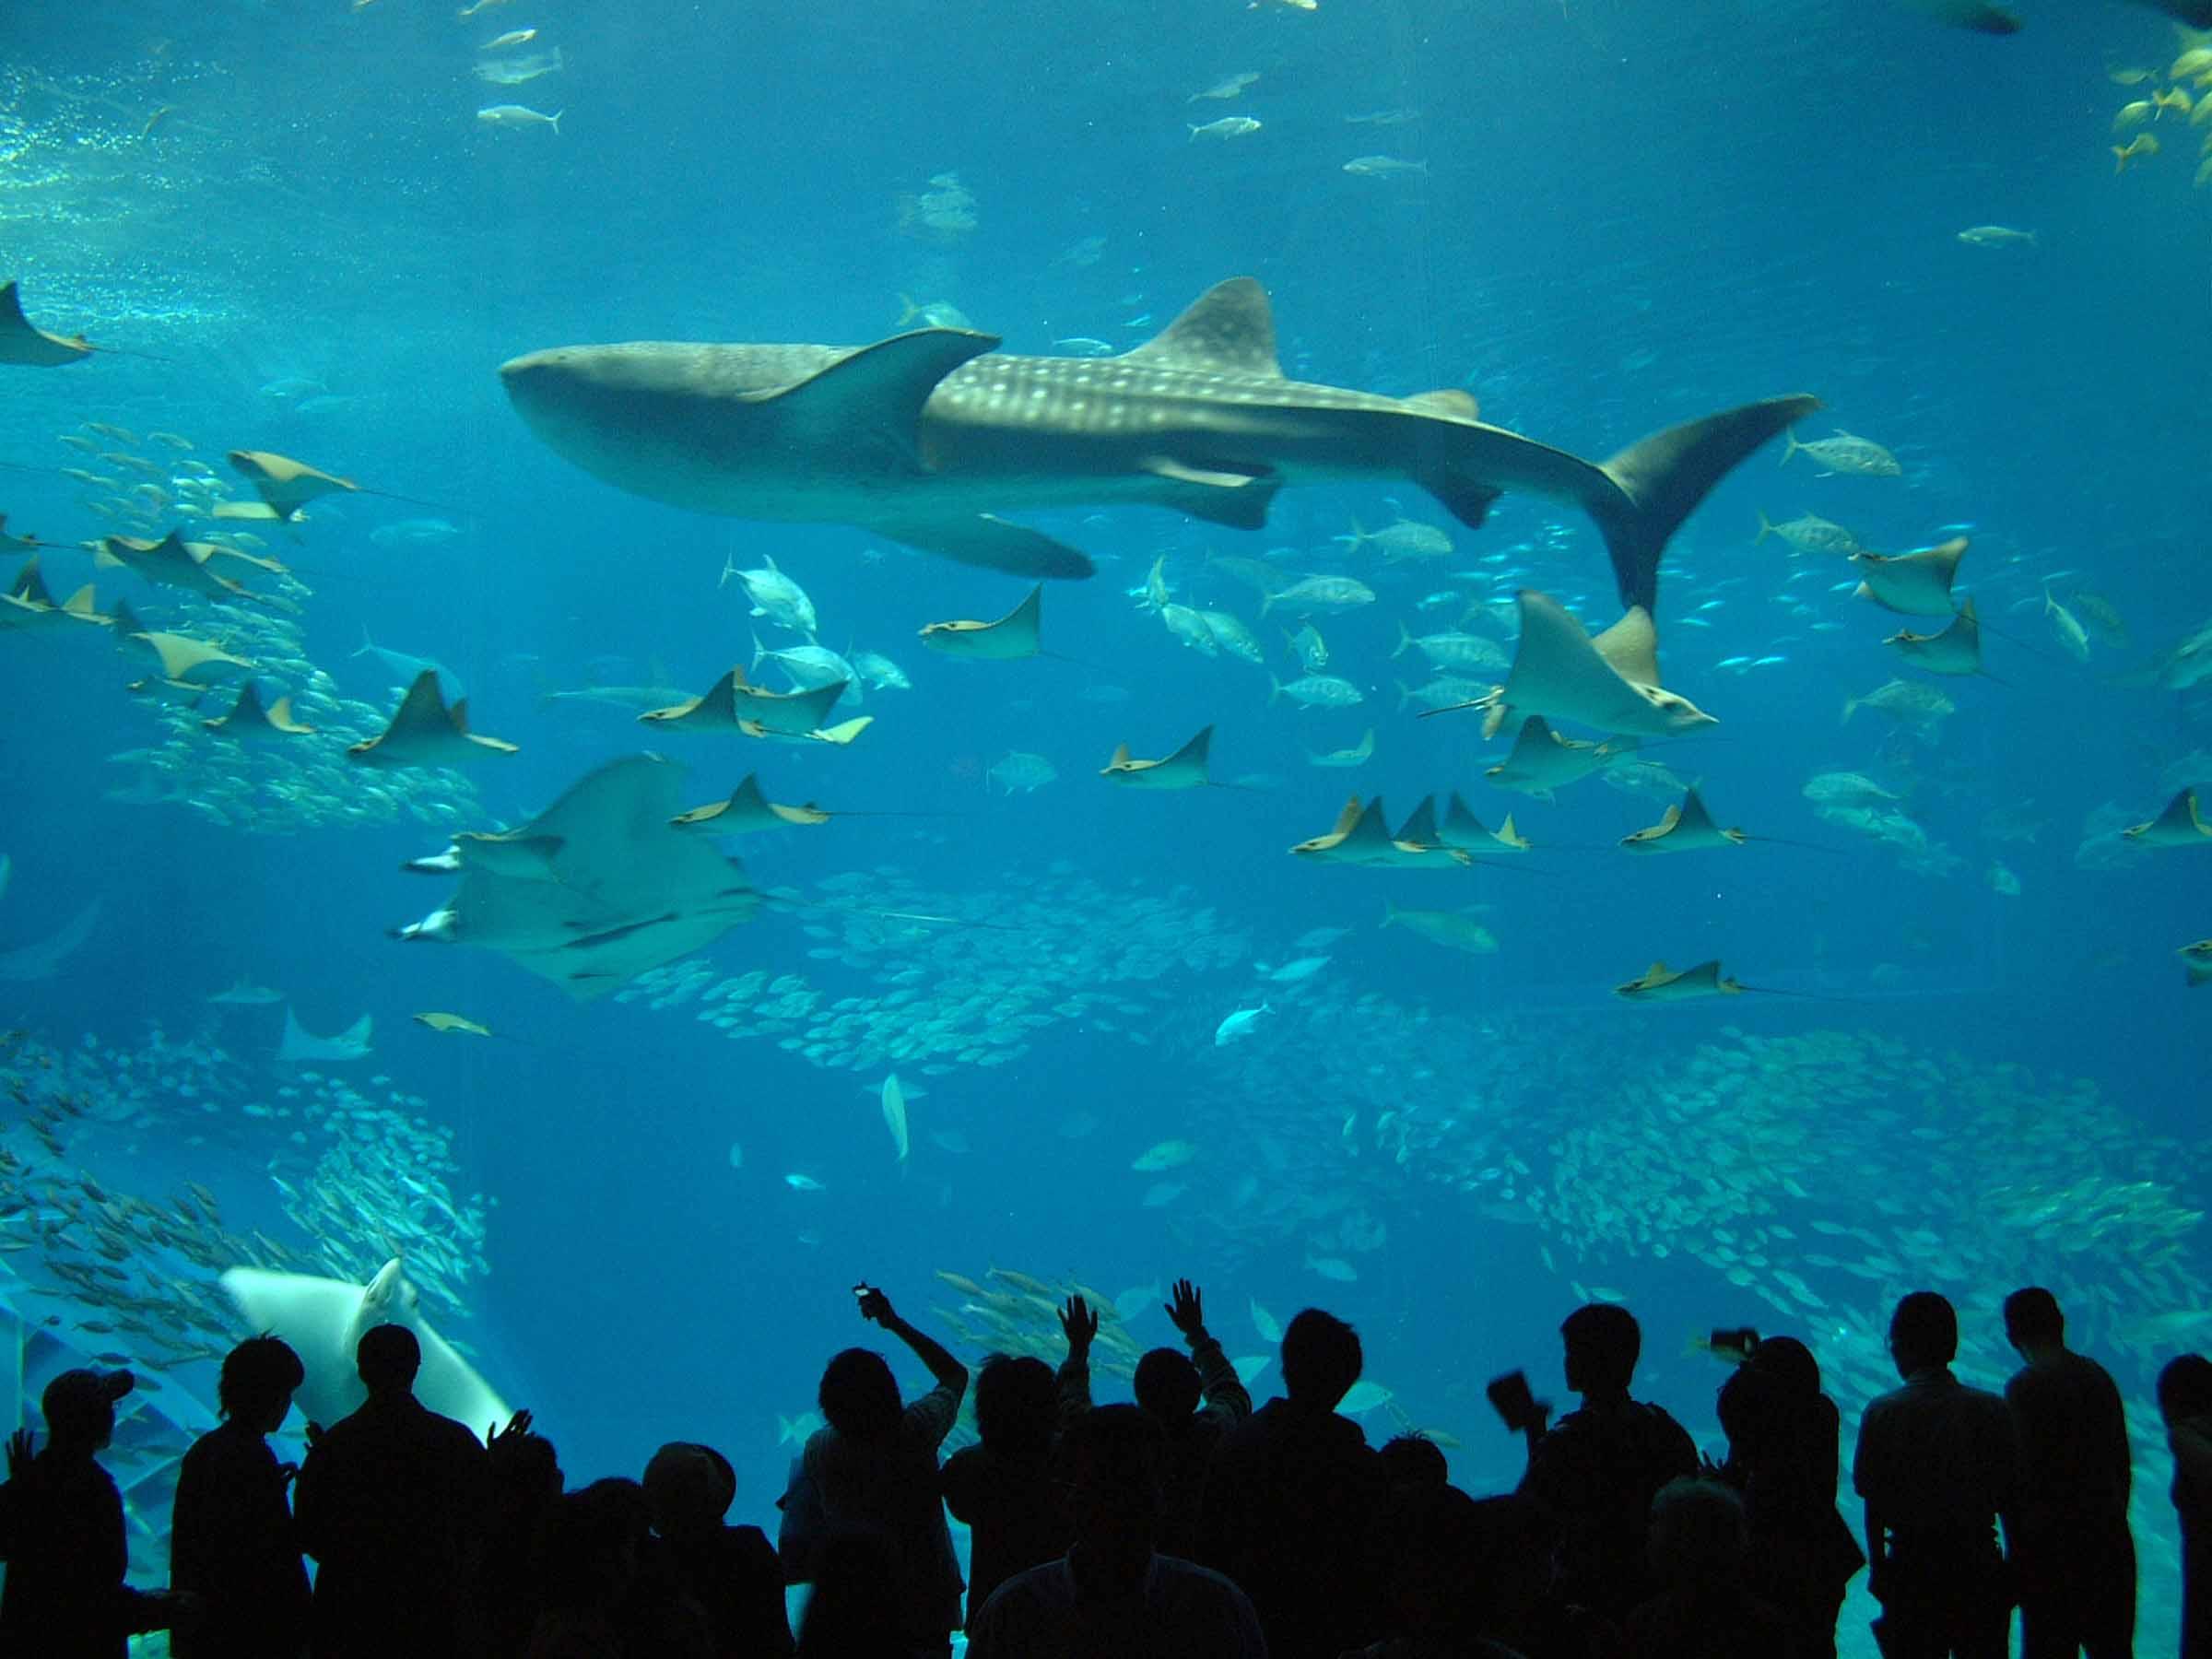 本部グリーンパークホテル&ゴルフ場 ブログ : 2月の沖縄美ら海水族館情報^